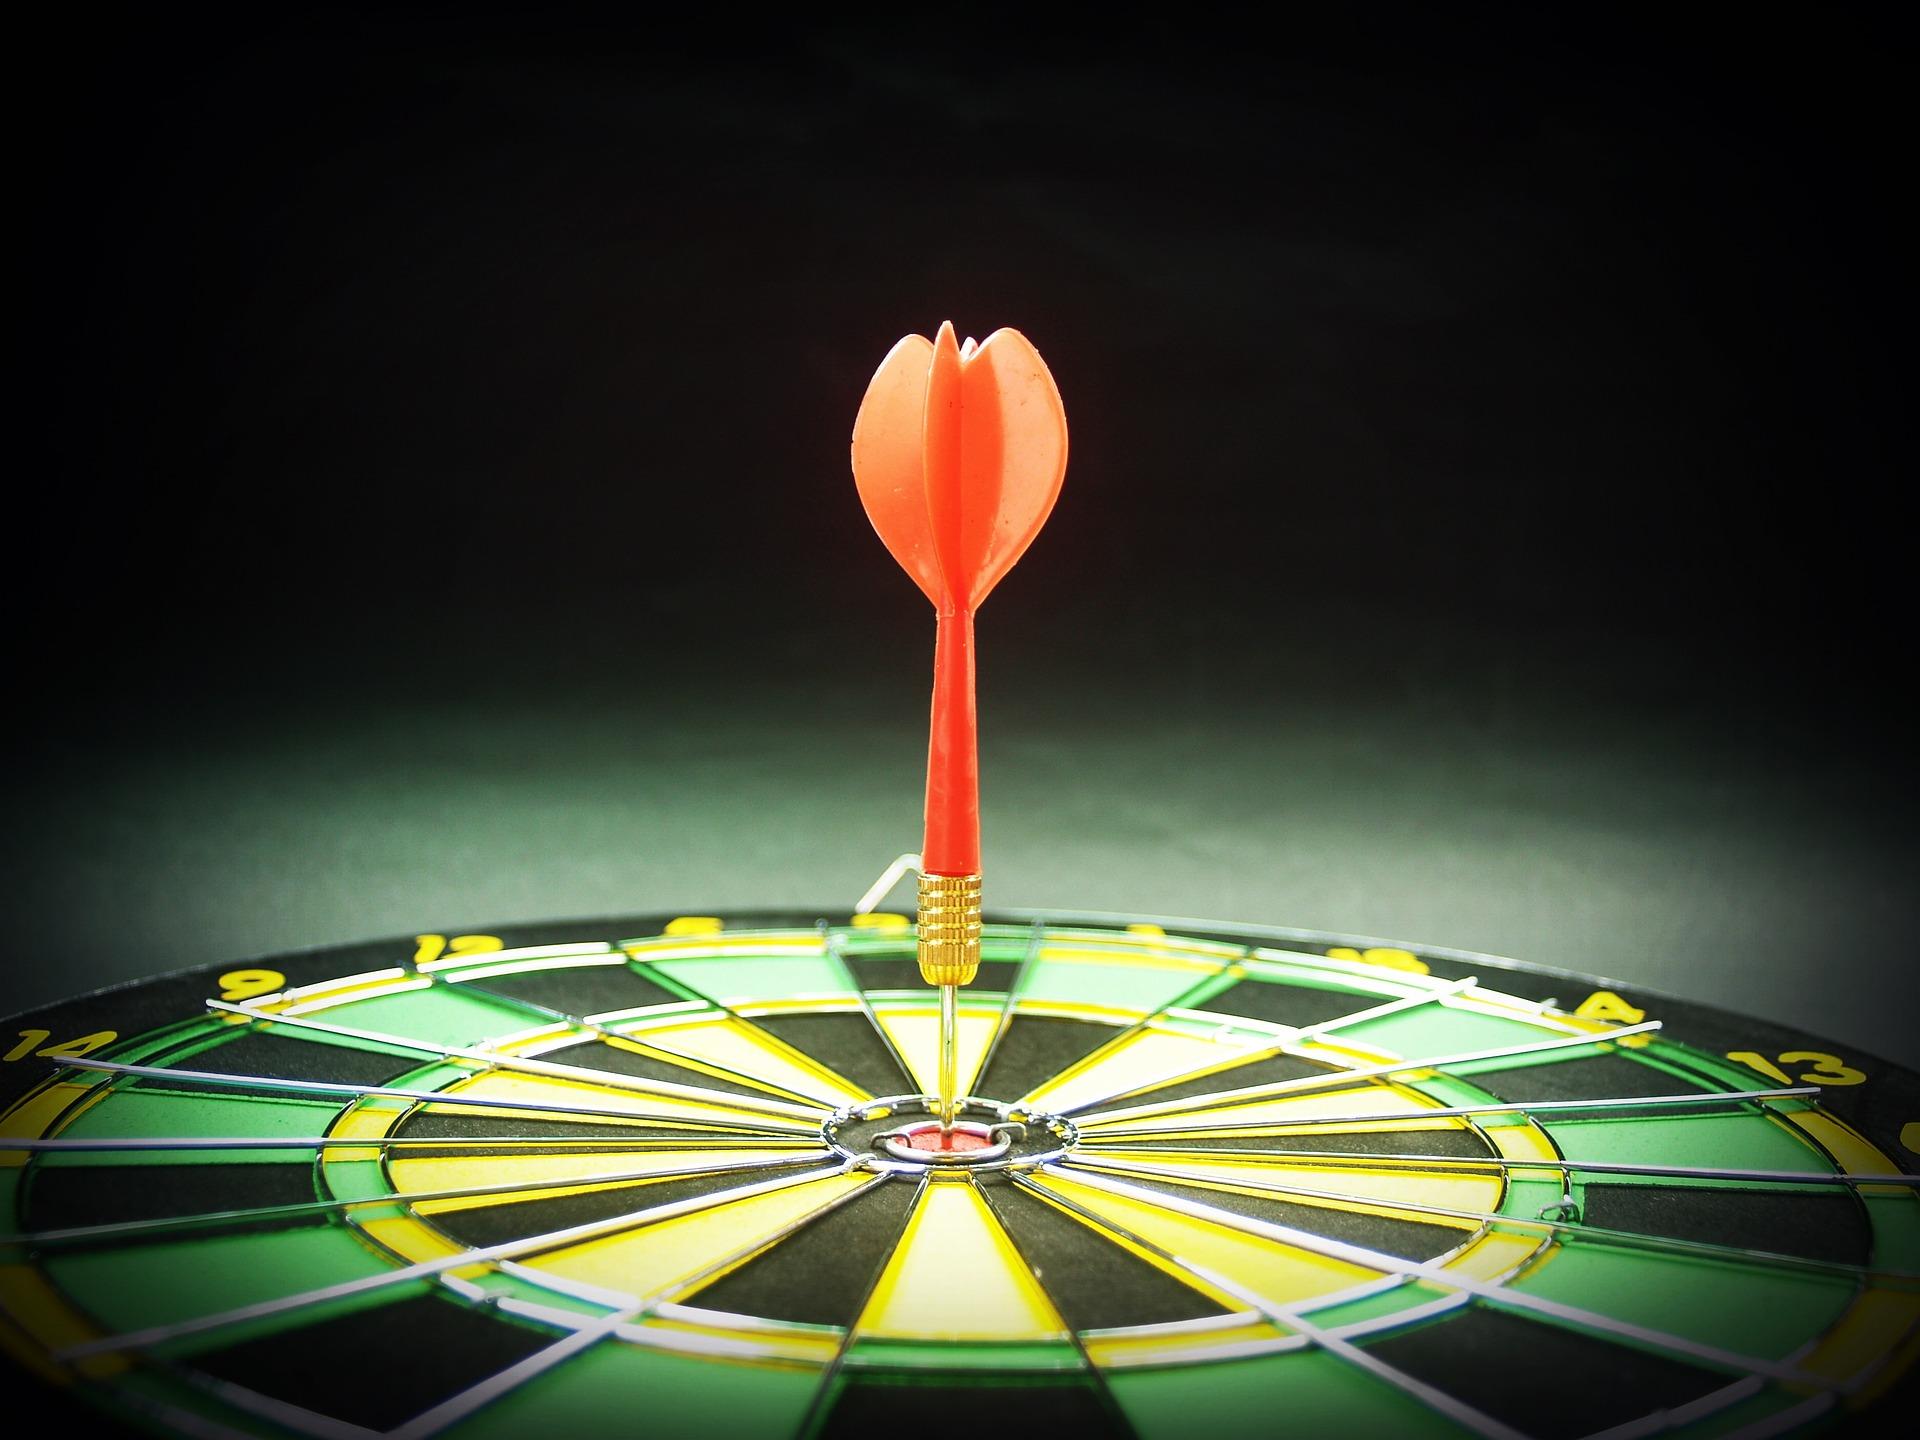 target-1551491_1920.jpg